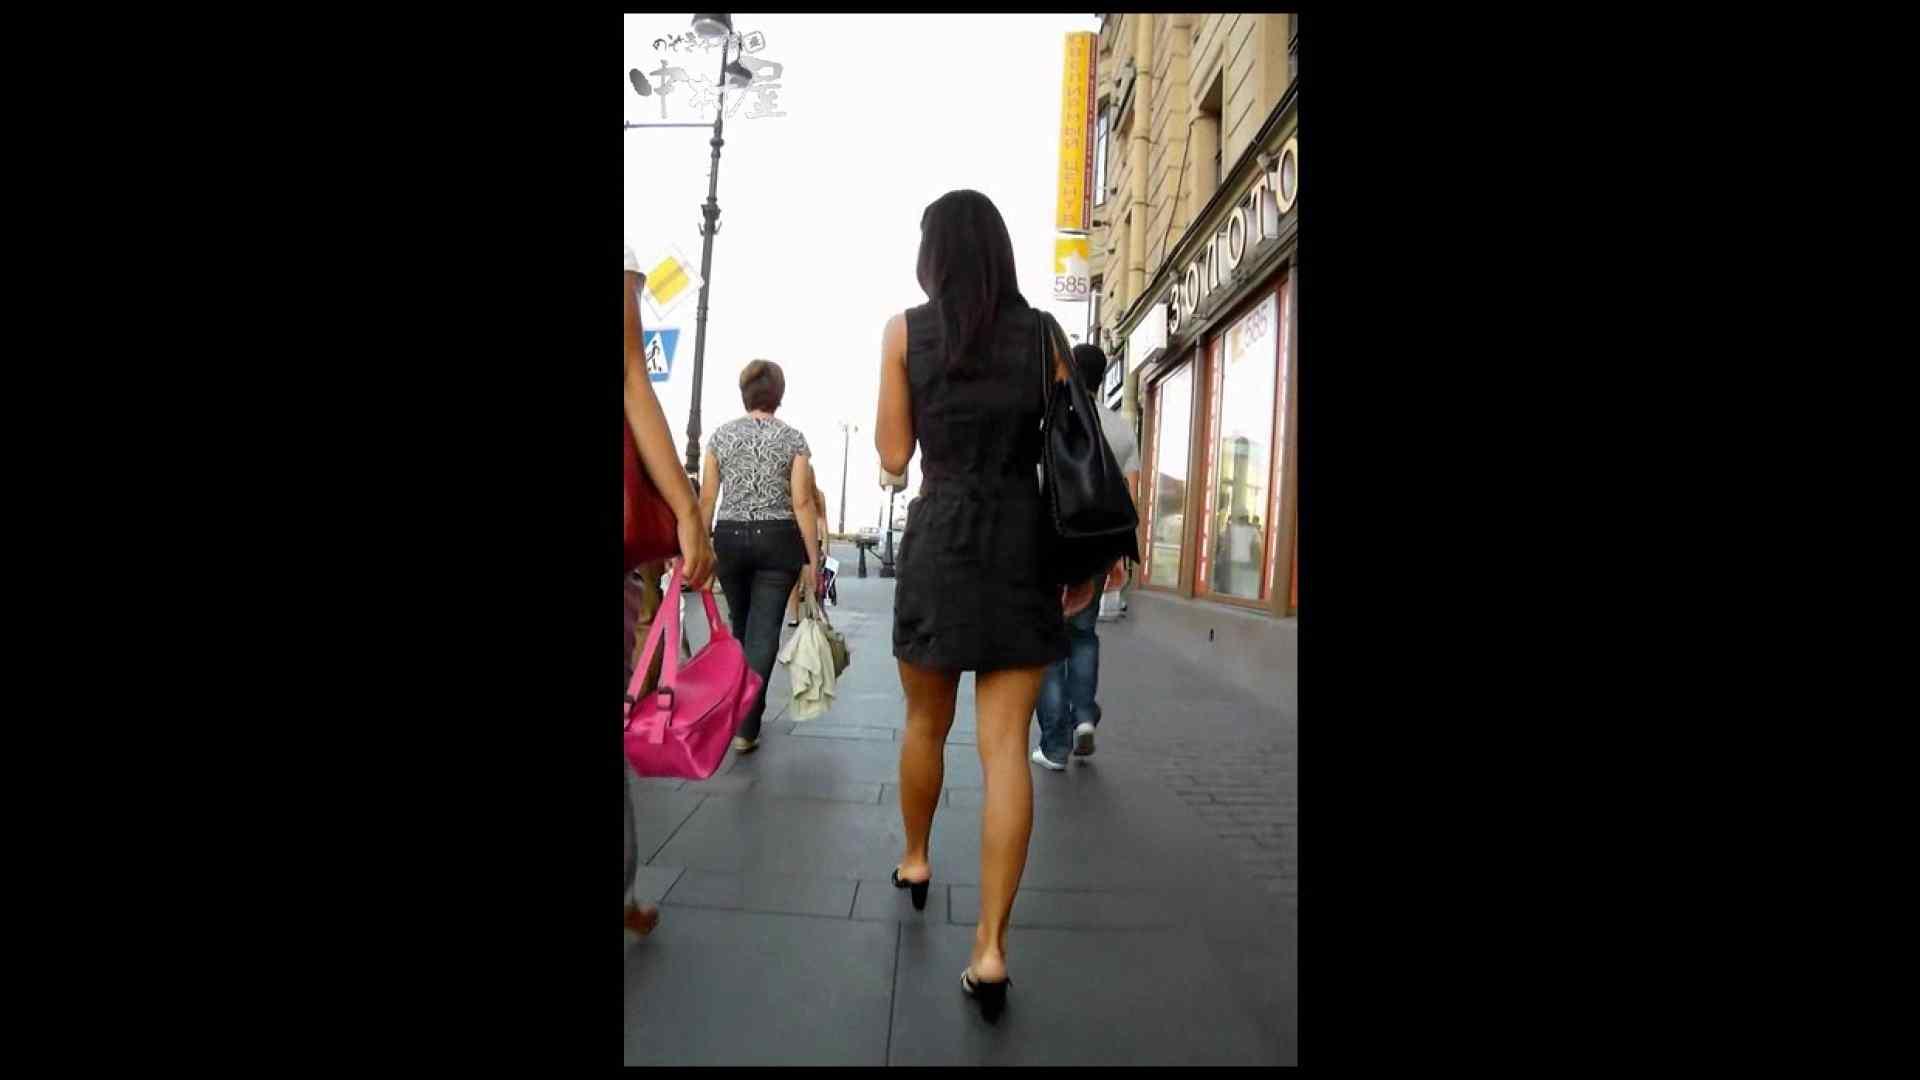 綺麗なモデルさんのスカート捲っちゃおう‼ vol30 お姉さん丸裸  96pic 27